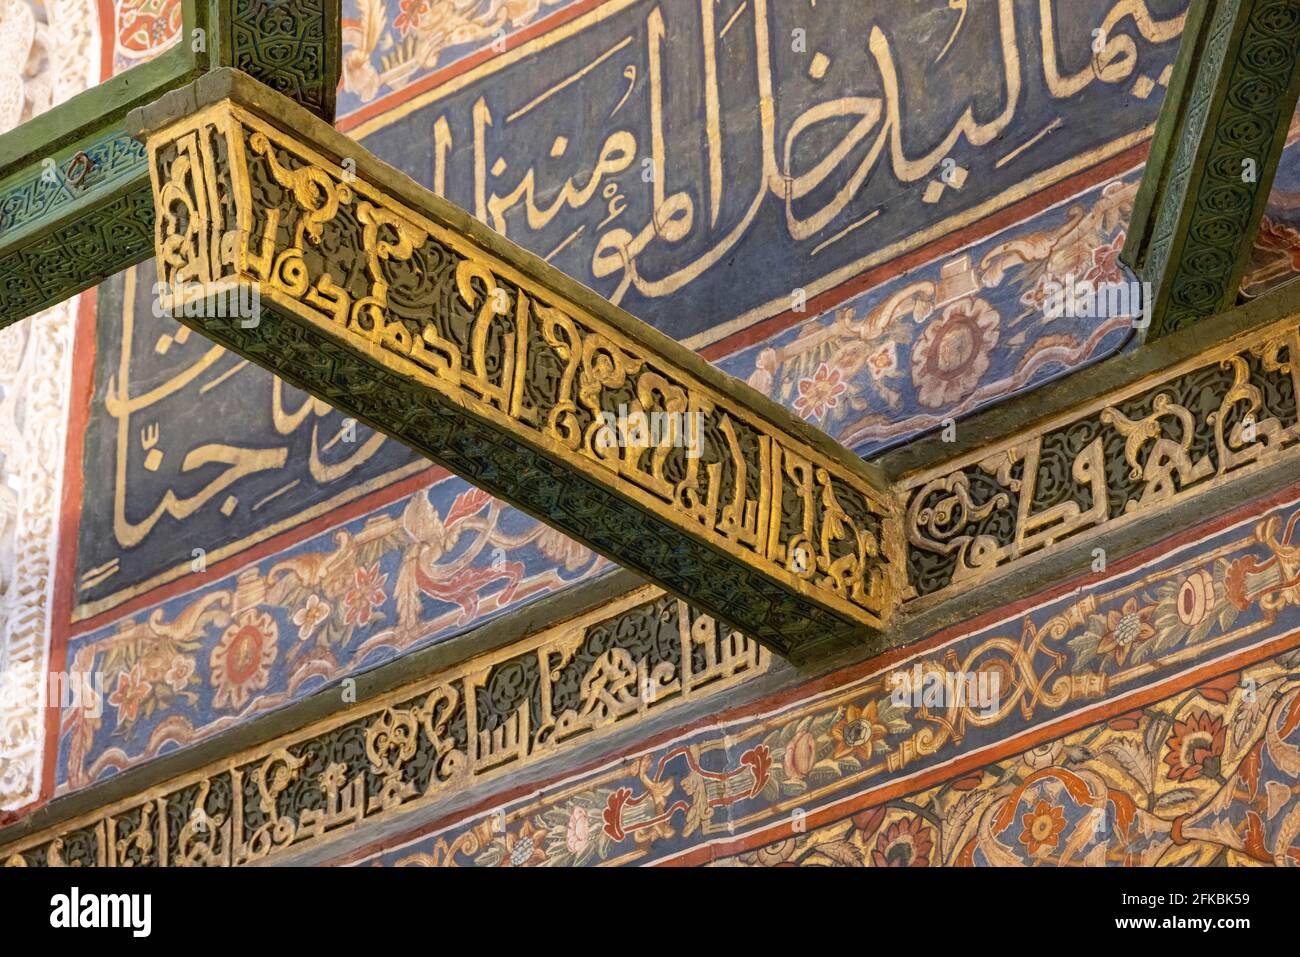 Detalle de Kufic sobre viga de madera, Tumba de Imam al-Shafi'i, el Cairo, Egipto Foto de stock